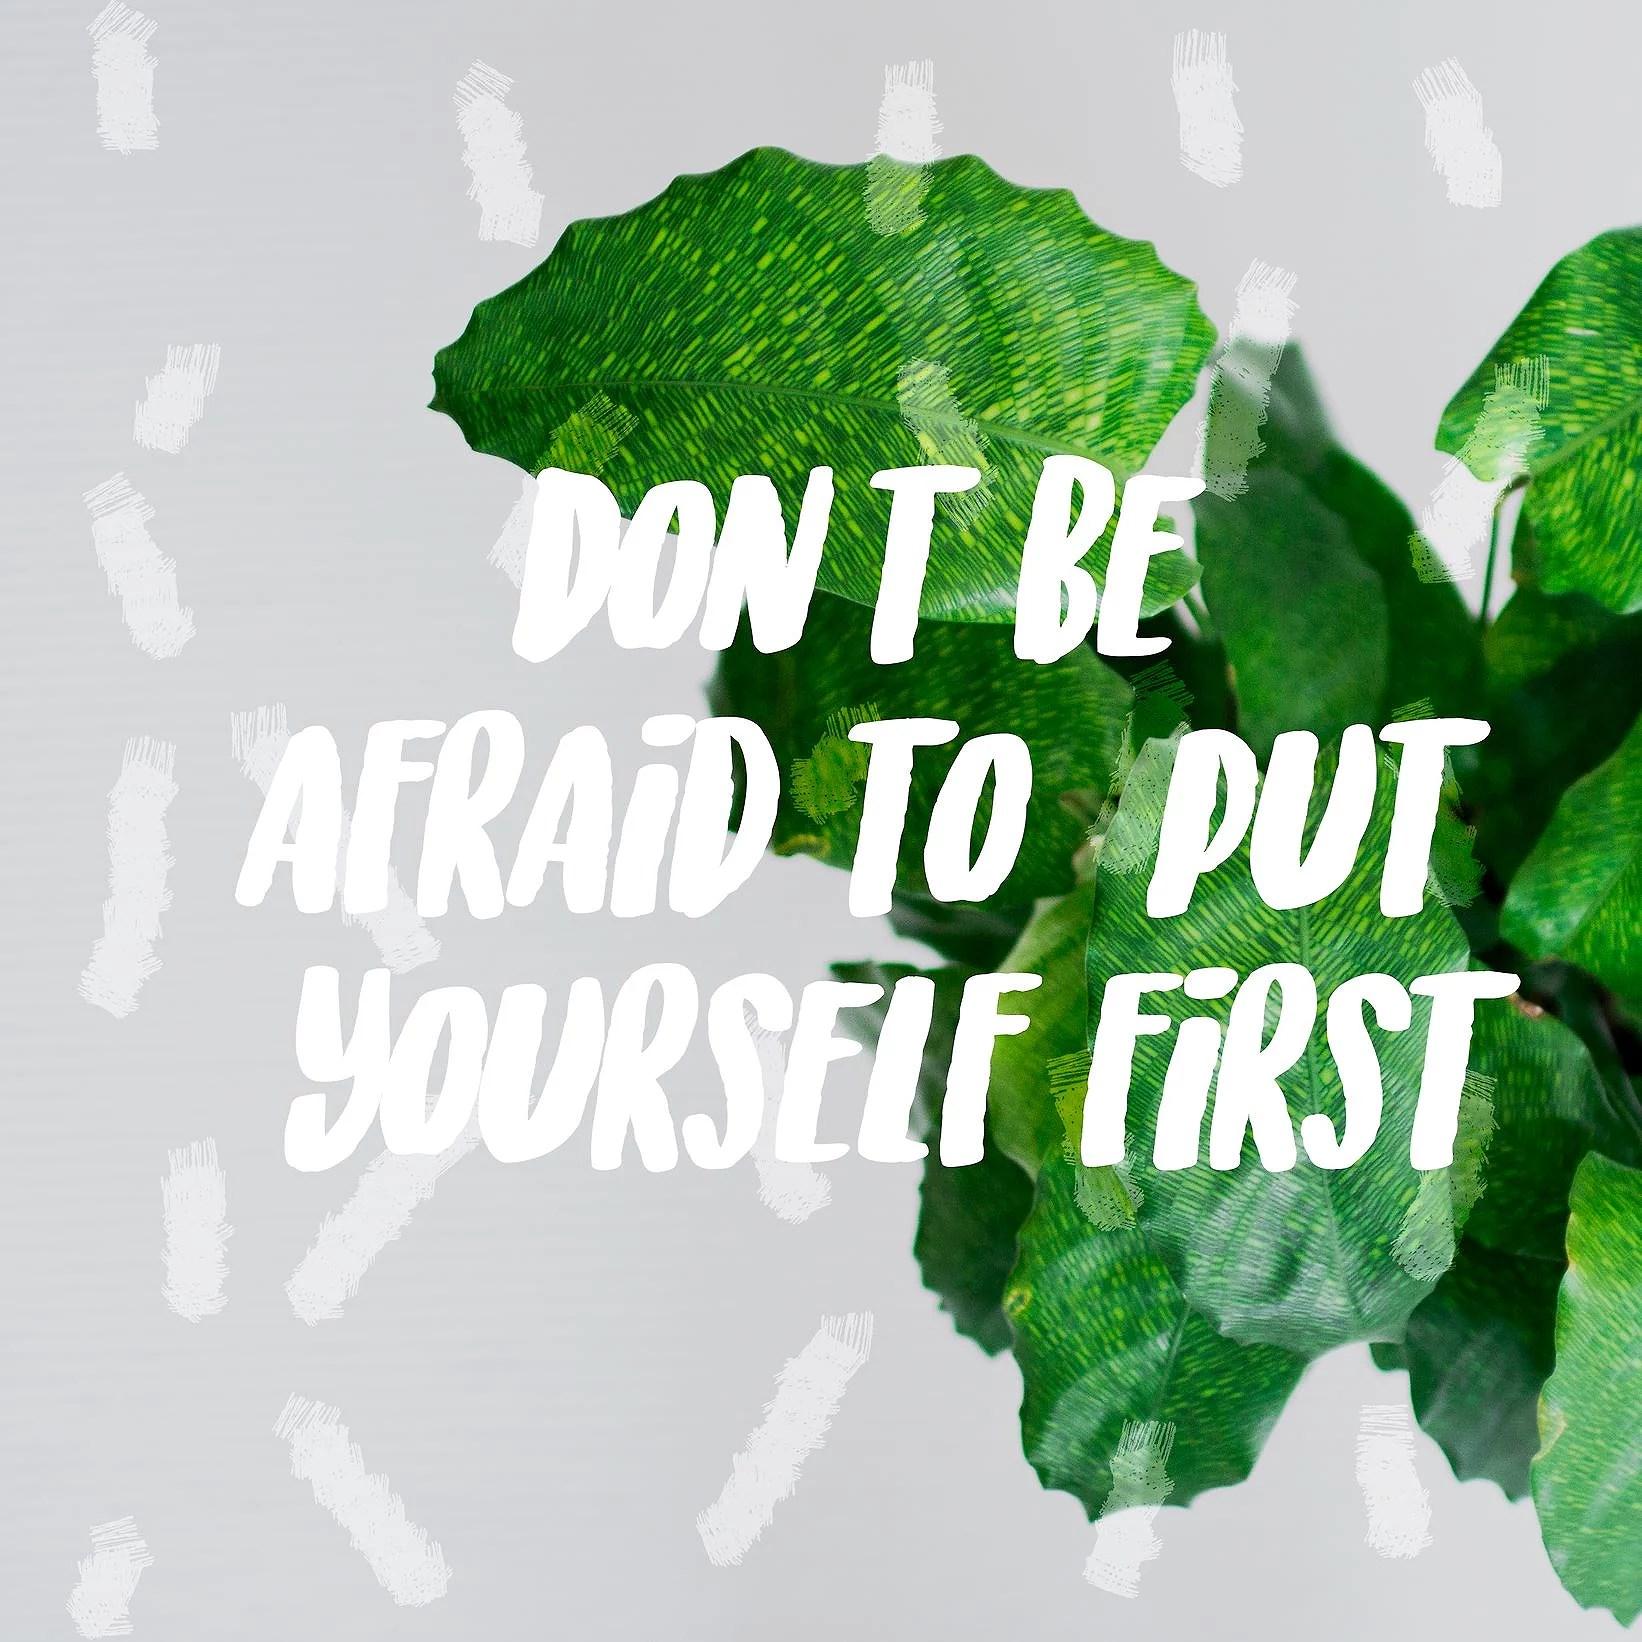 Det viktigaste du har är dig själv